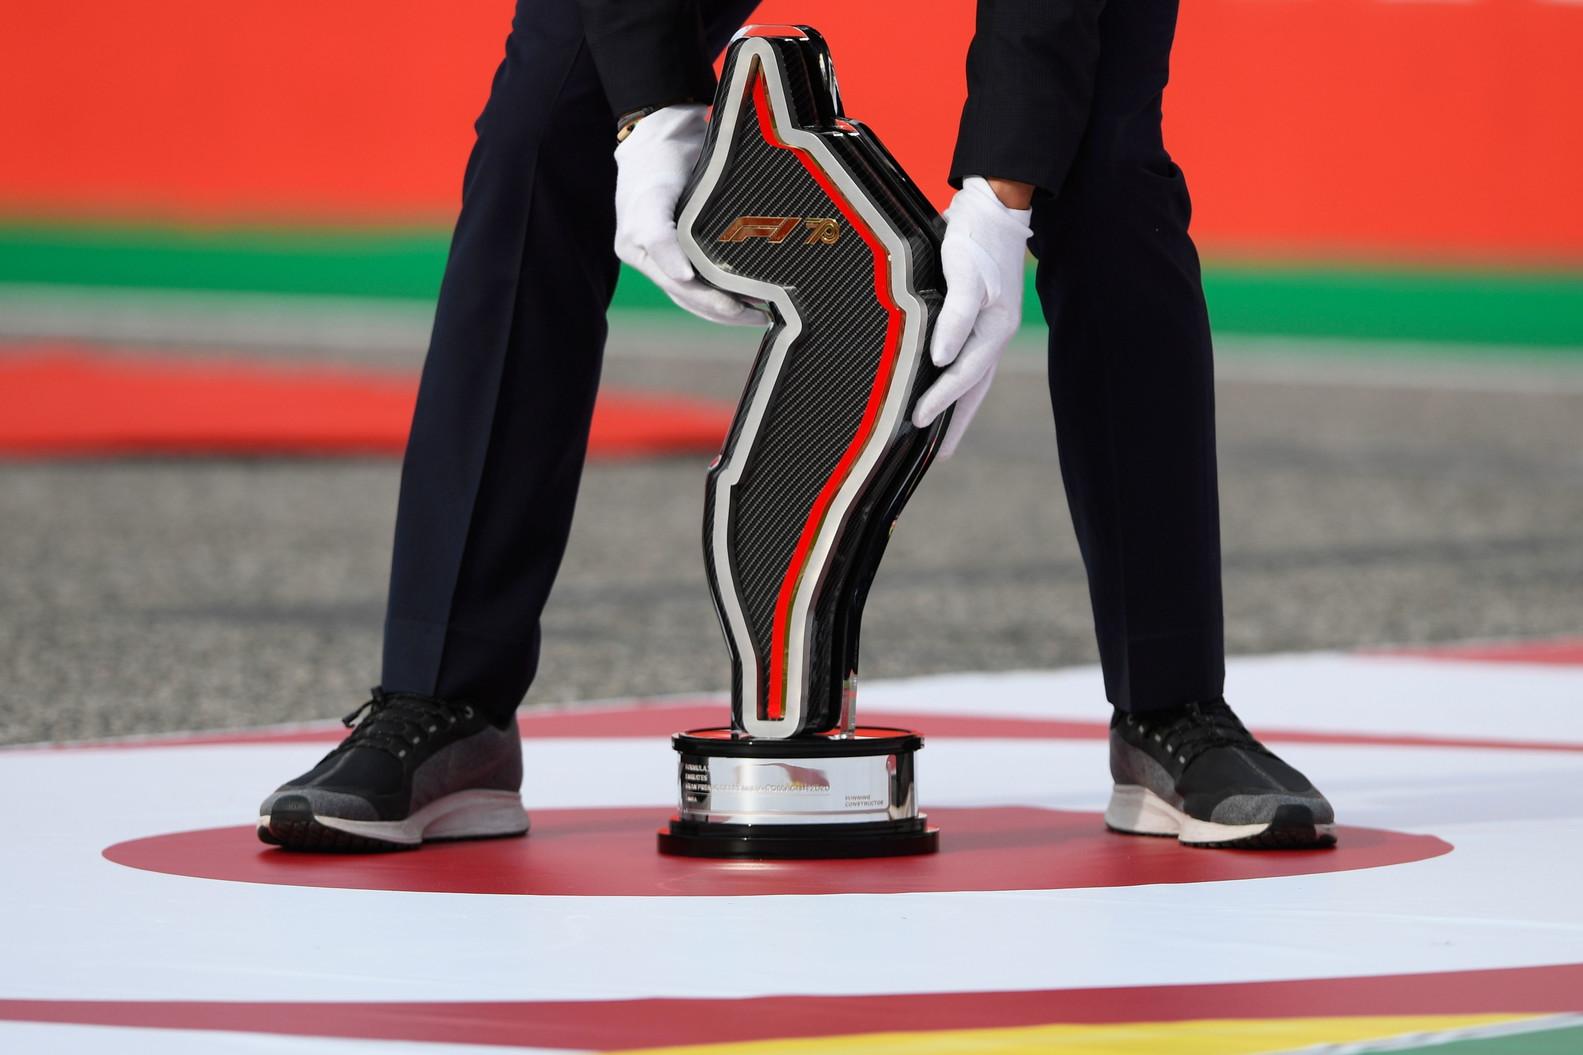 Il britannico chiude davanti al compagno di scuderia Bottas e Ricciardo al termine di una gara condizionata da una safety car prolungata per gli incidenti di Verstappen e Russell. Mercedes conquista cos&igrave;, a quattro gare dal termine, il titolo costruttori.<br /><br />